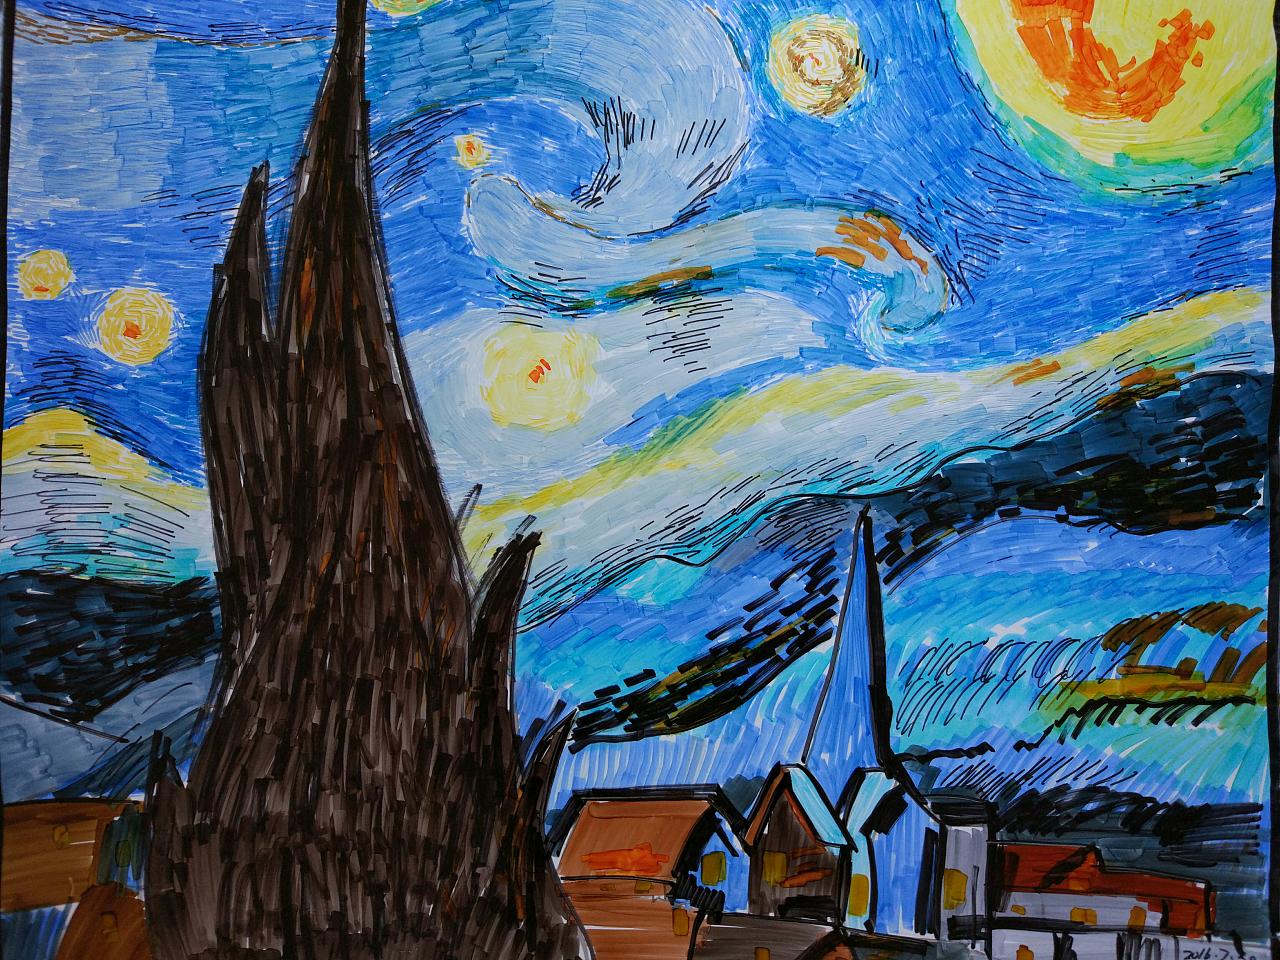 星空,马克笔,梵高|插画|插画习作|lvanhao - 原创作品